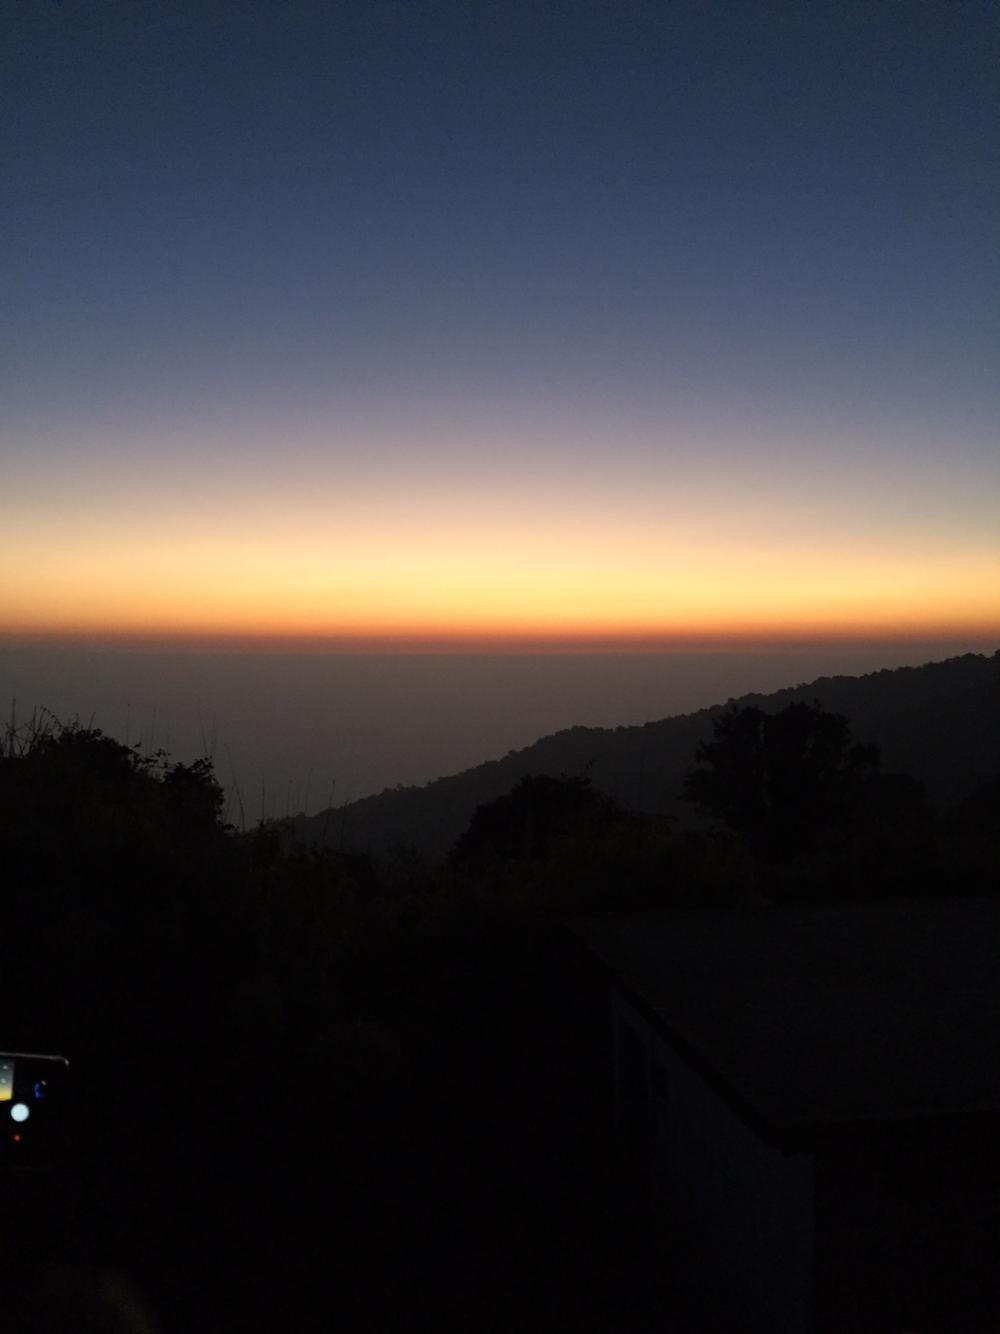 ท้องฟ้าเป็นแสงสีทองก่อนพระอาทิตย์ขึ้น